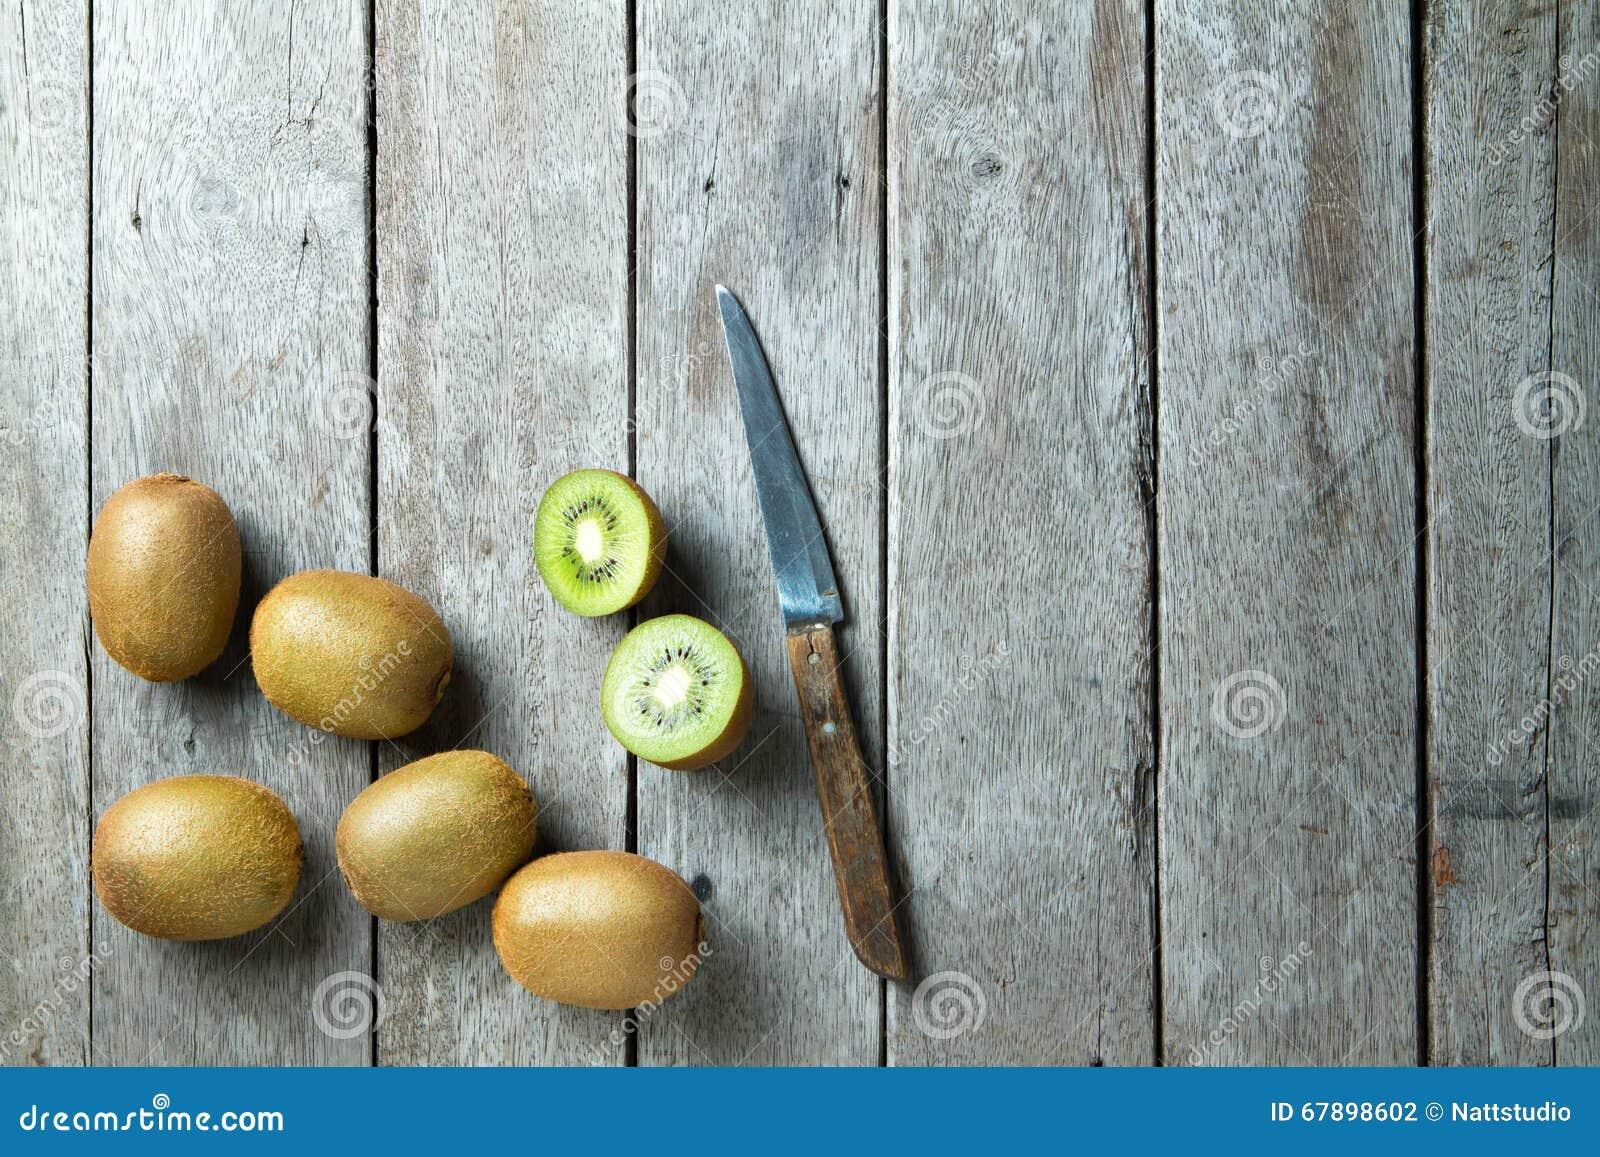 猕猴桃和刀子在木背景